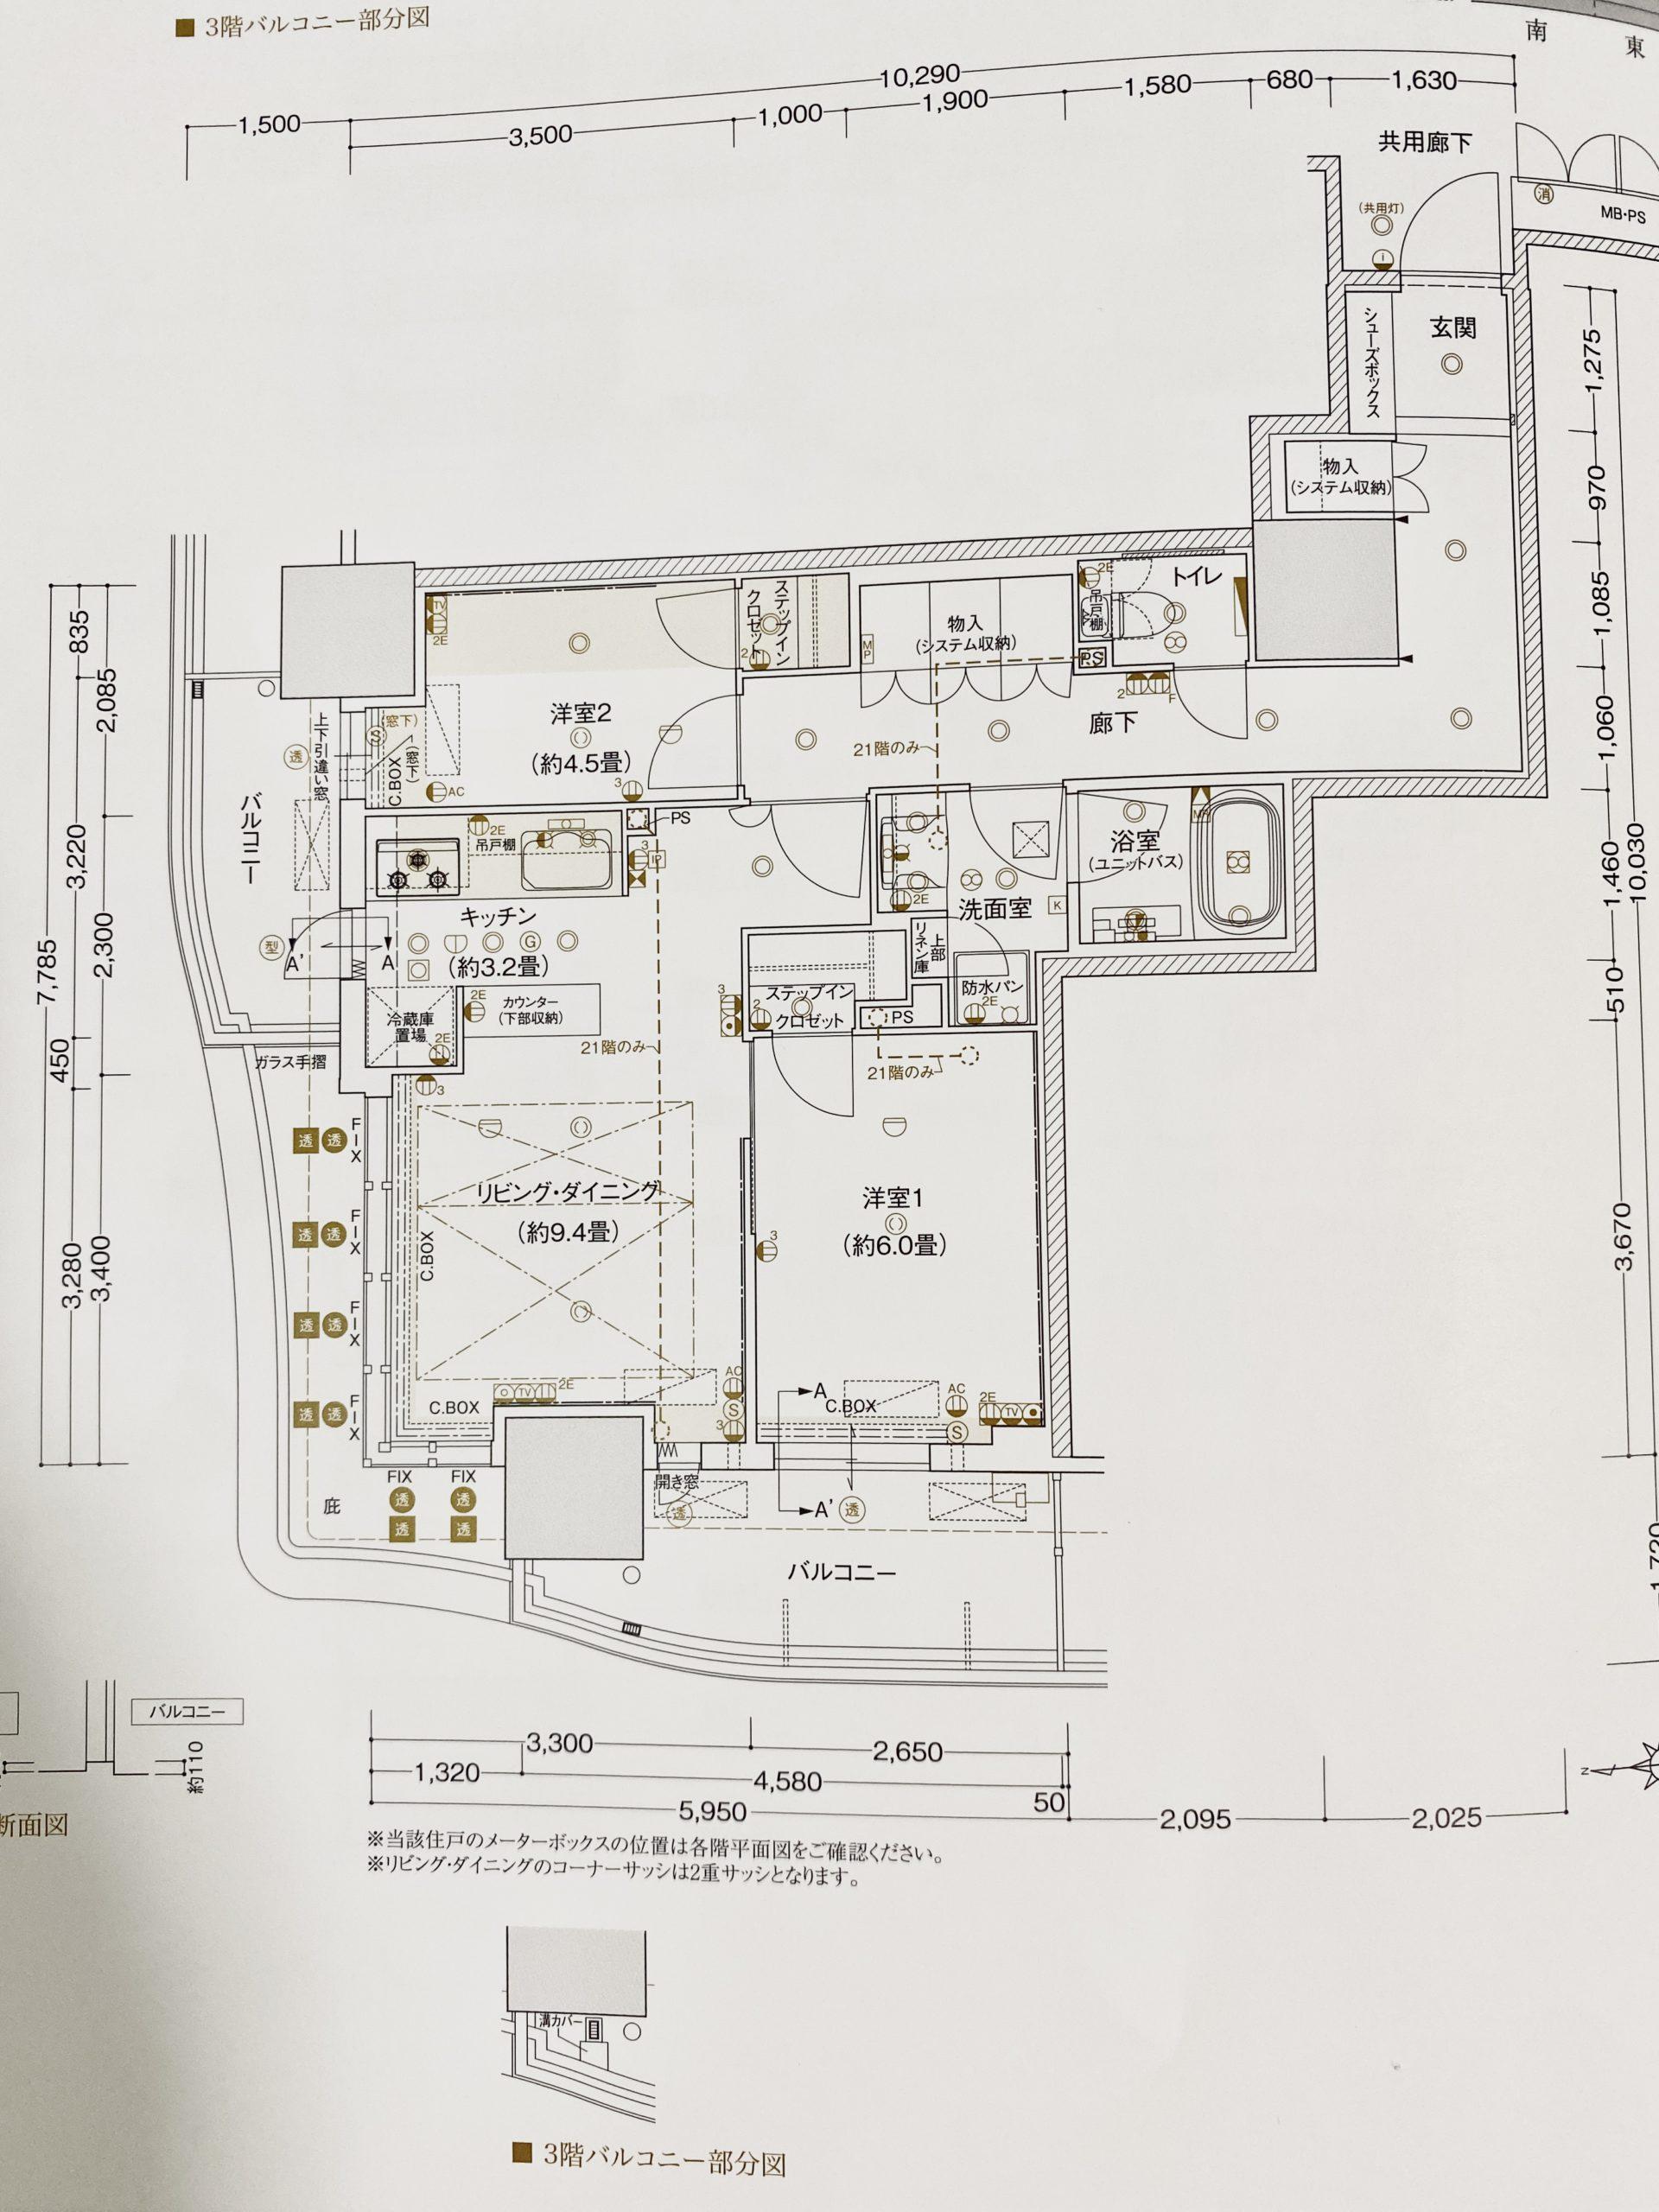 ローレルタワー堺筋本町公式パンフレット